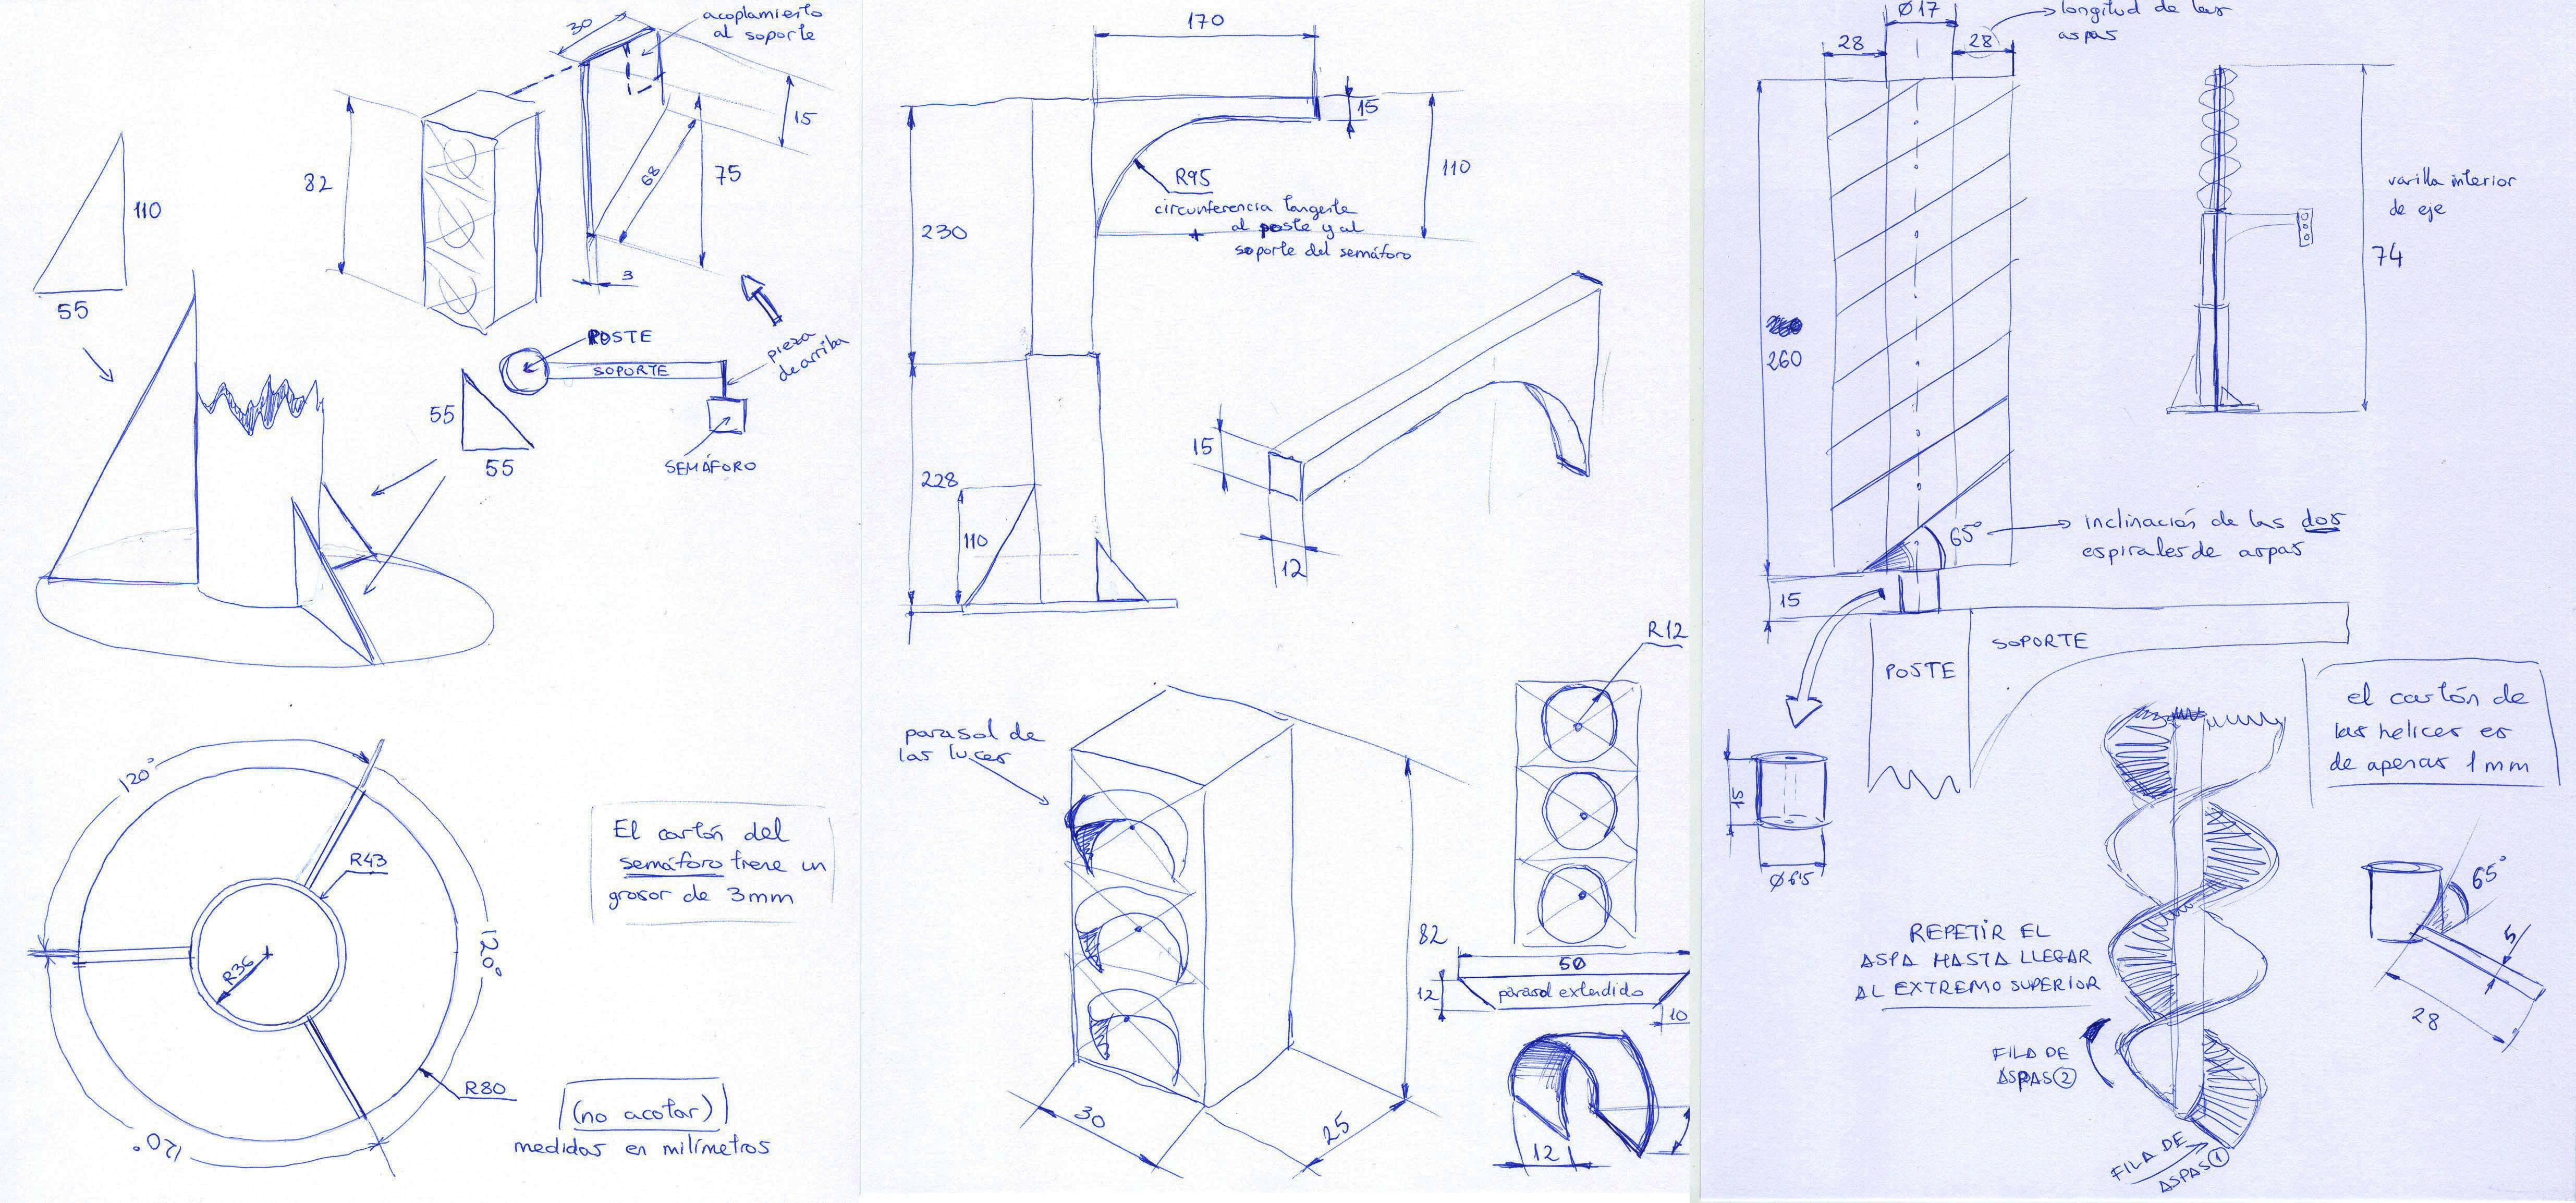 p1 dise o de un aerogenerador urbano taller de dise o